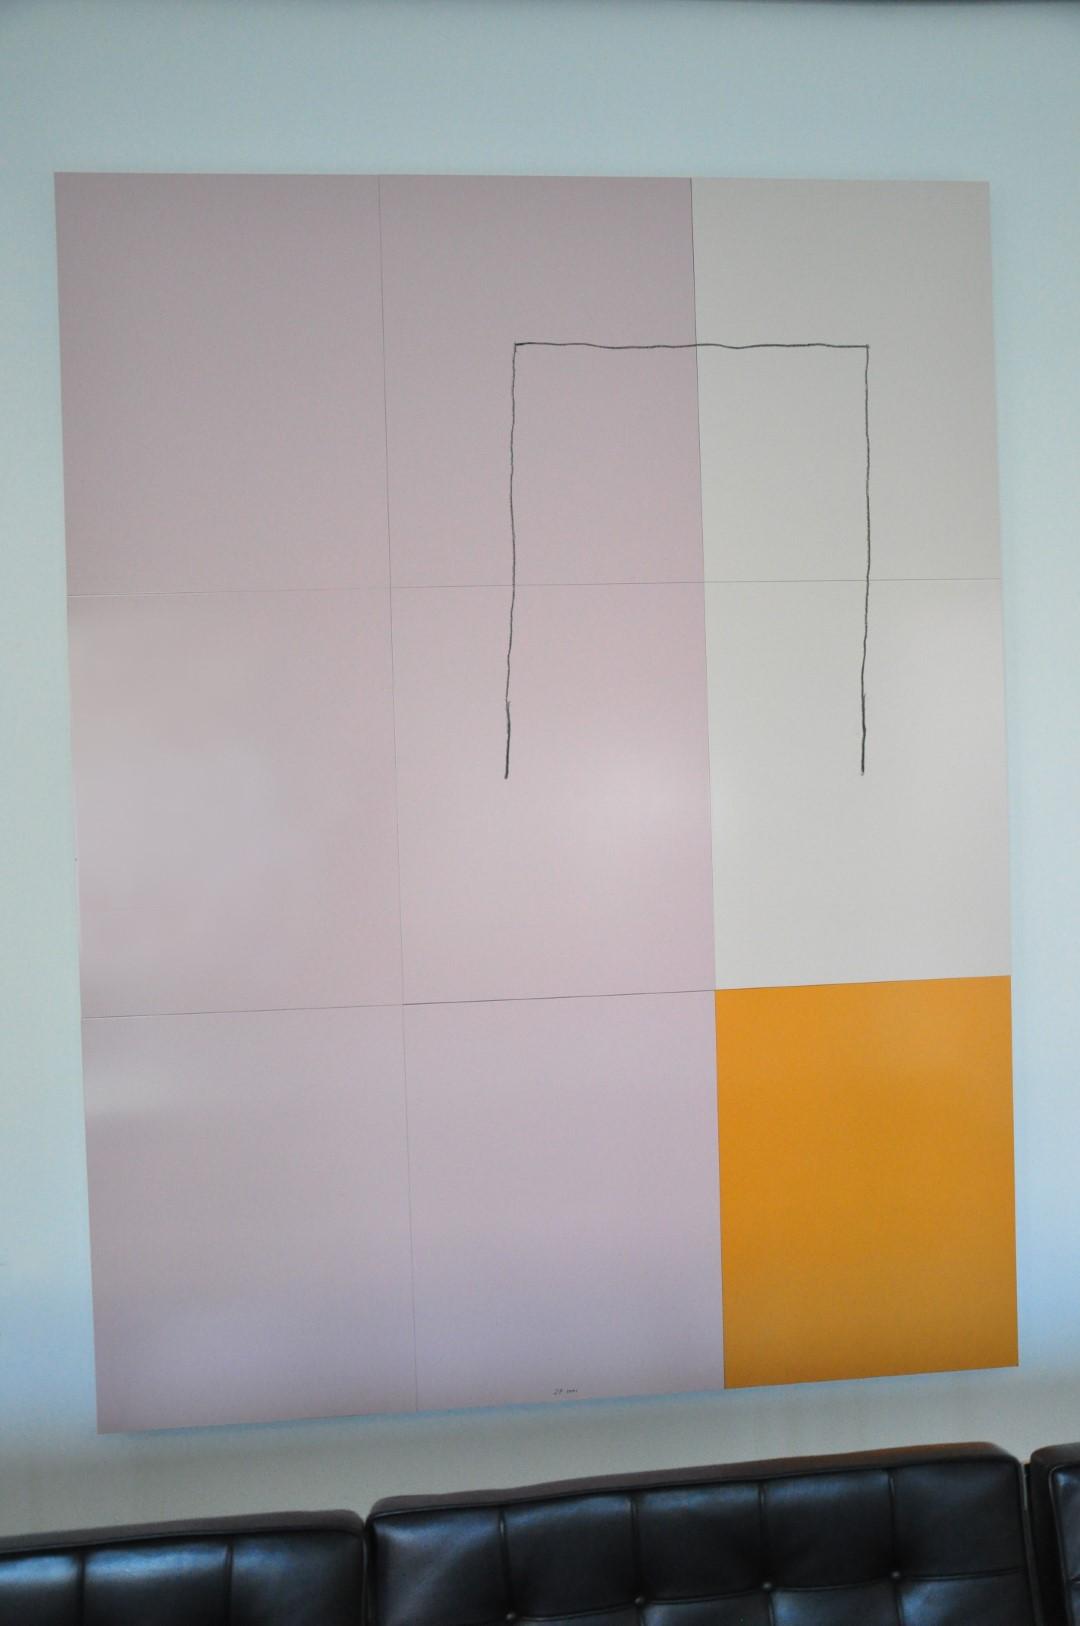 Zweites Bild aus der Ausstellung 'Dreiklang' von Jürgen Partenheimer in Berlin